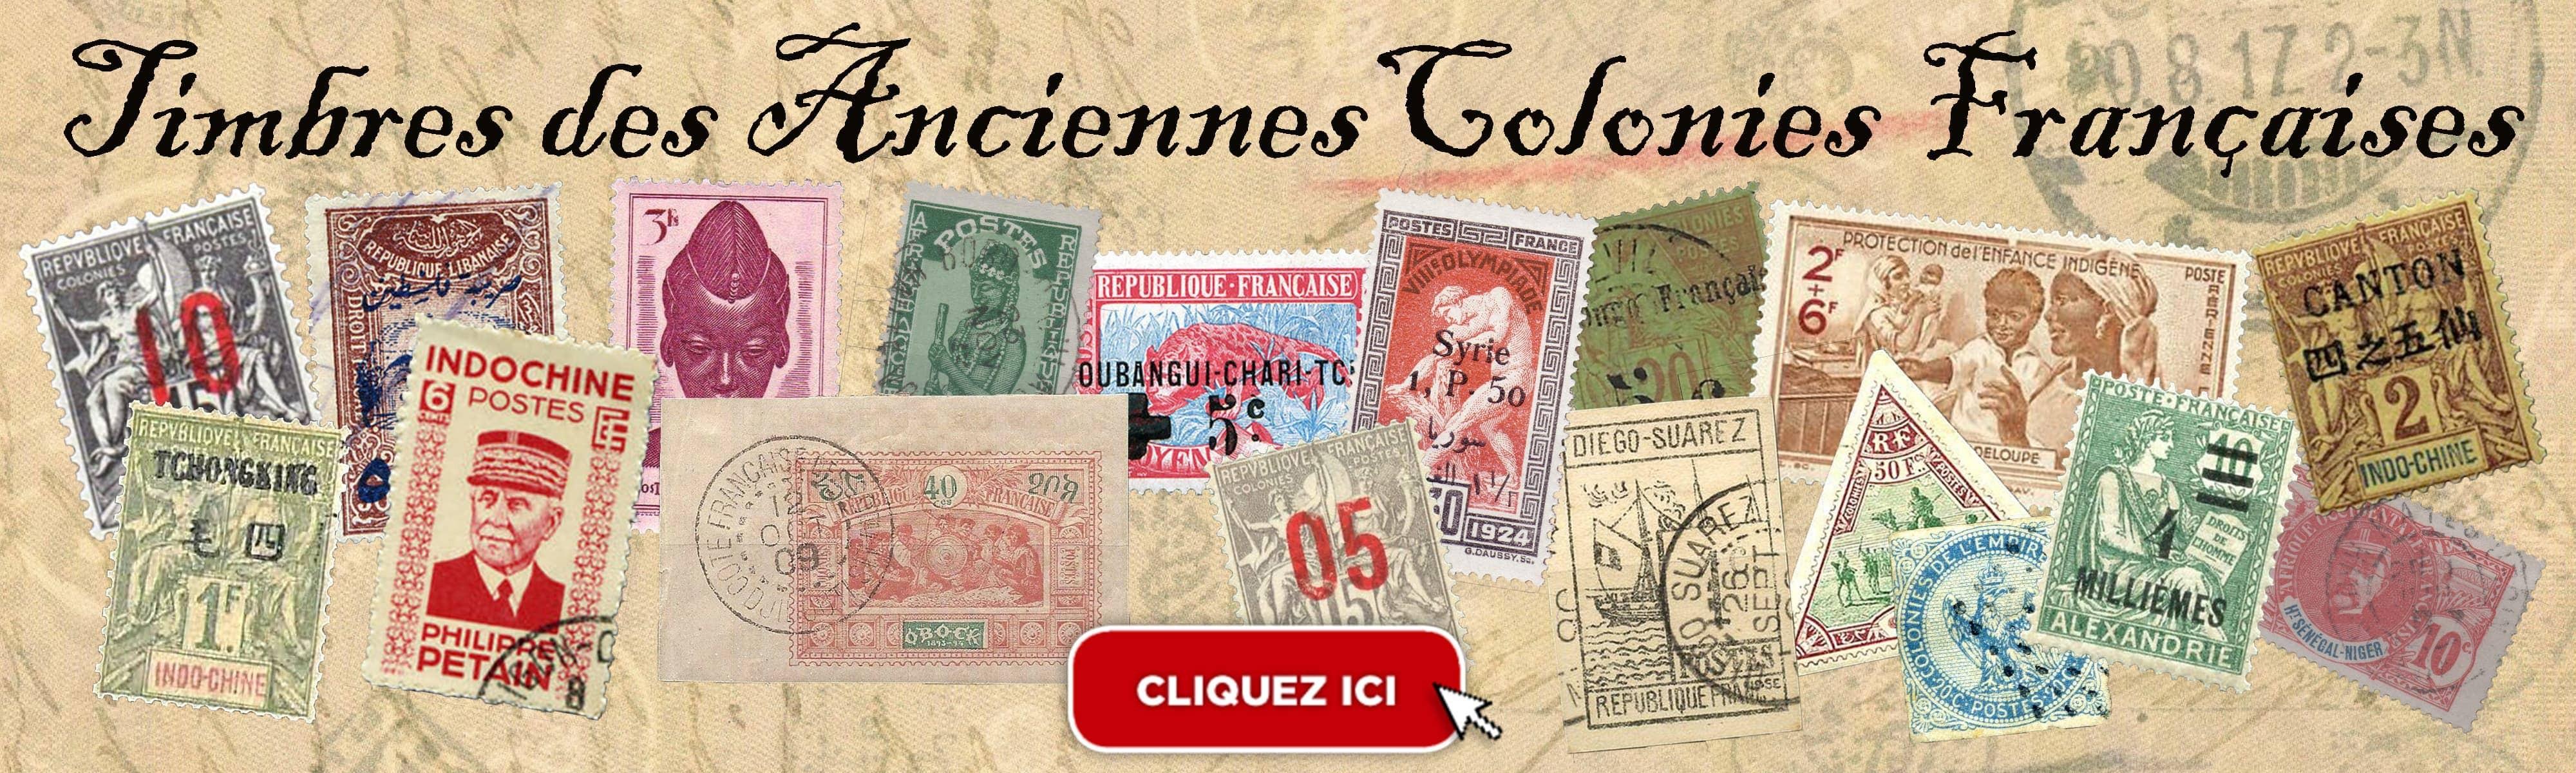 timbres-des-anciennes-colonies-françaises-passion-collection-la-rochelle vente en ligne, livraison rapide et frais de ports gratuits à partir de 10€.